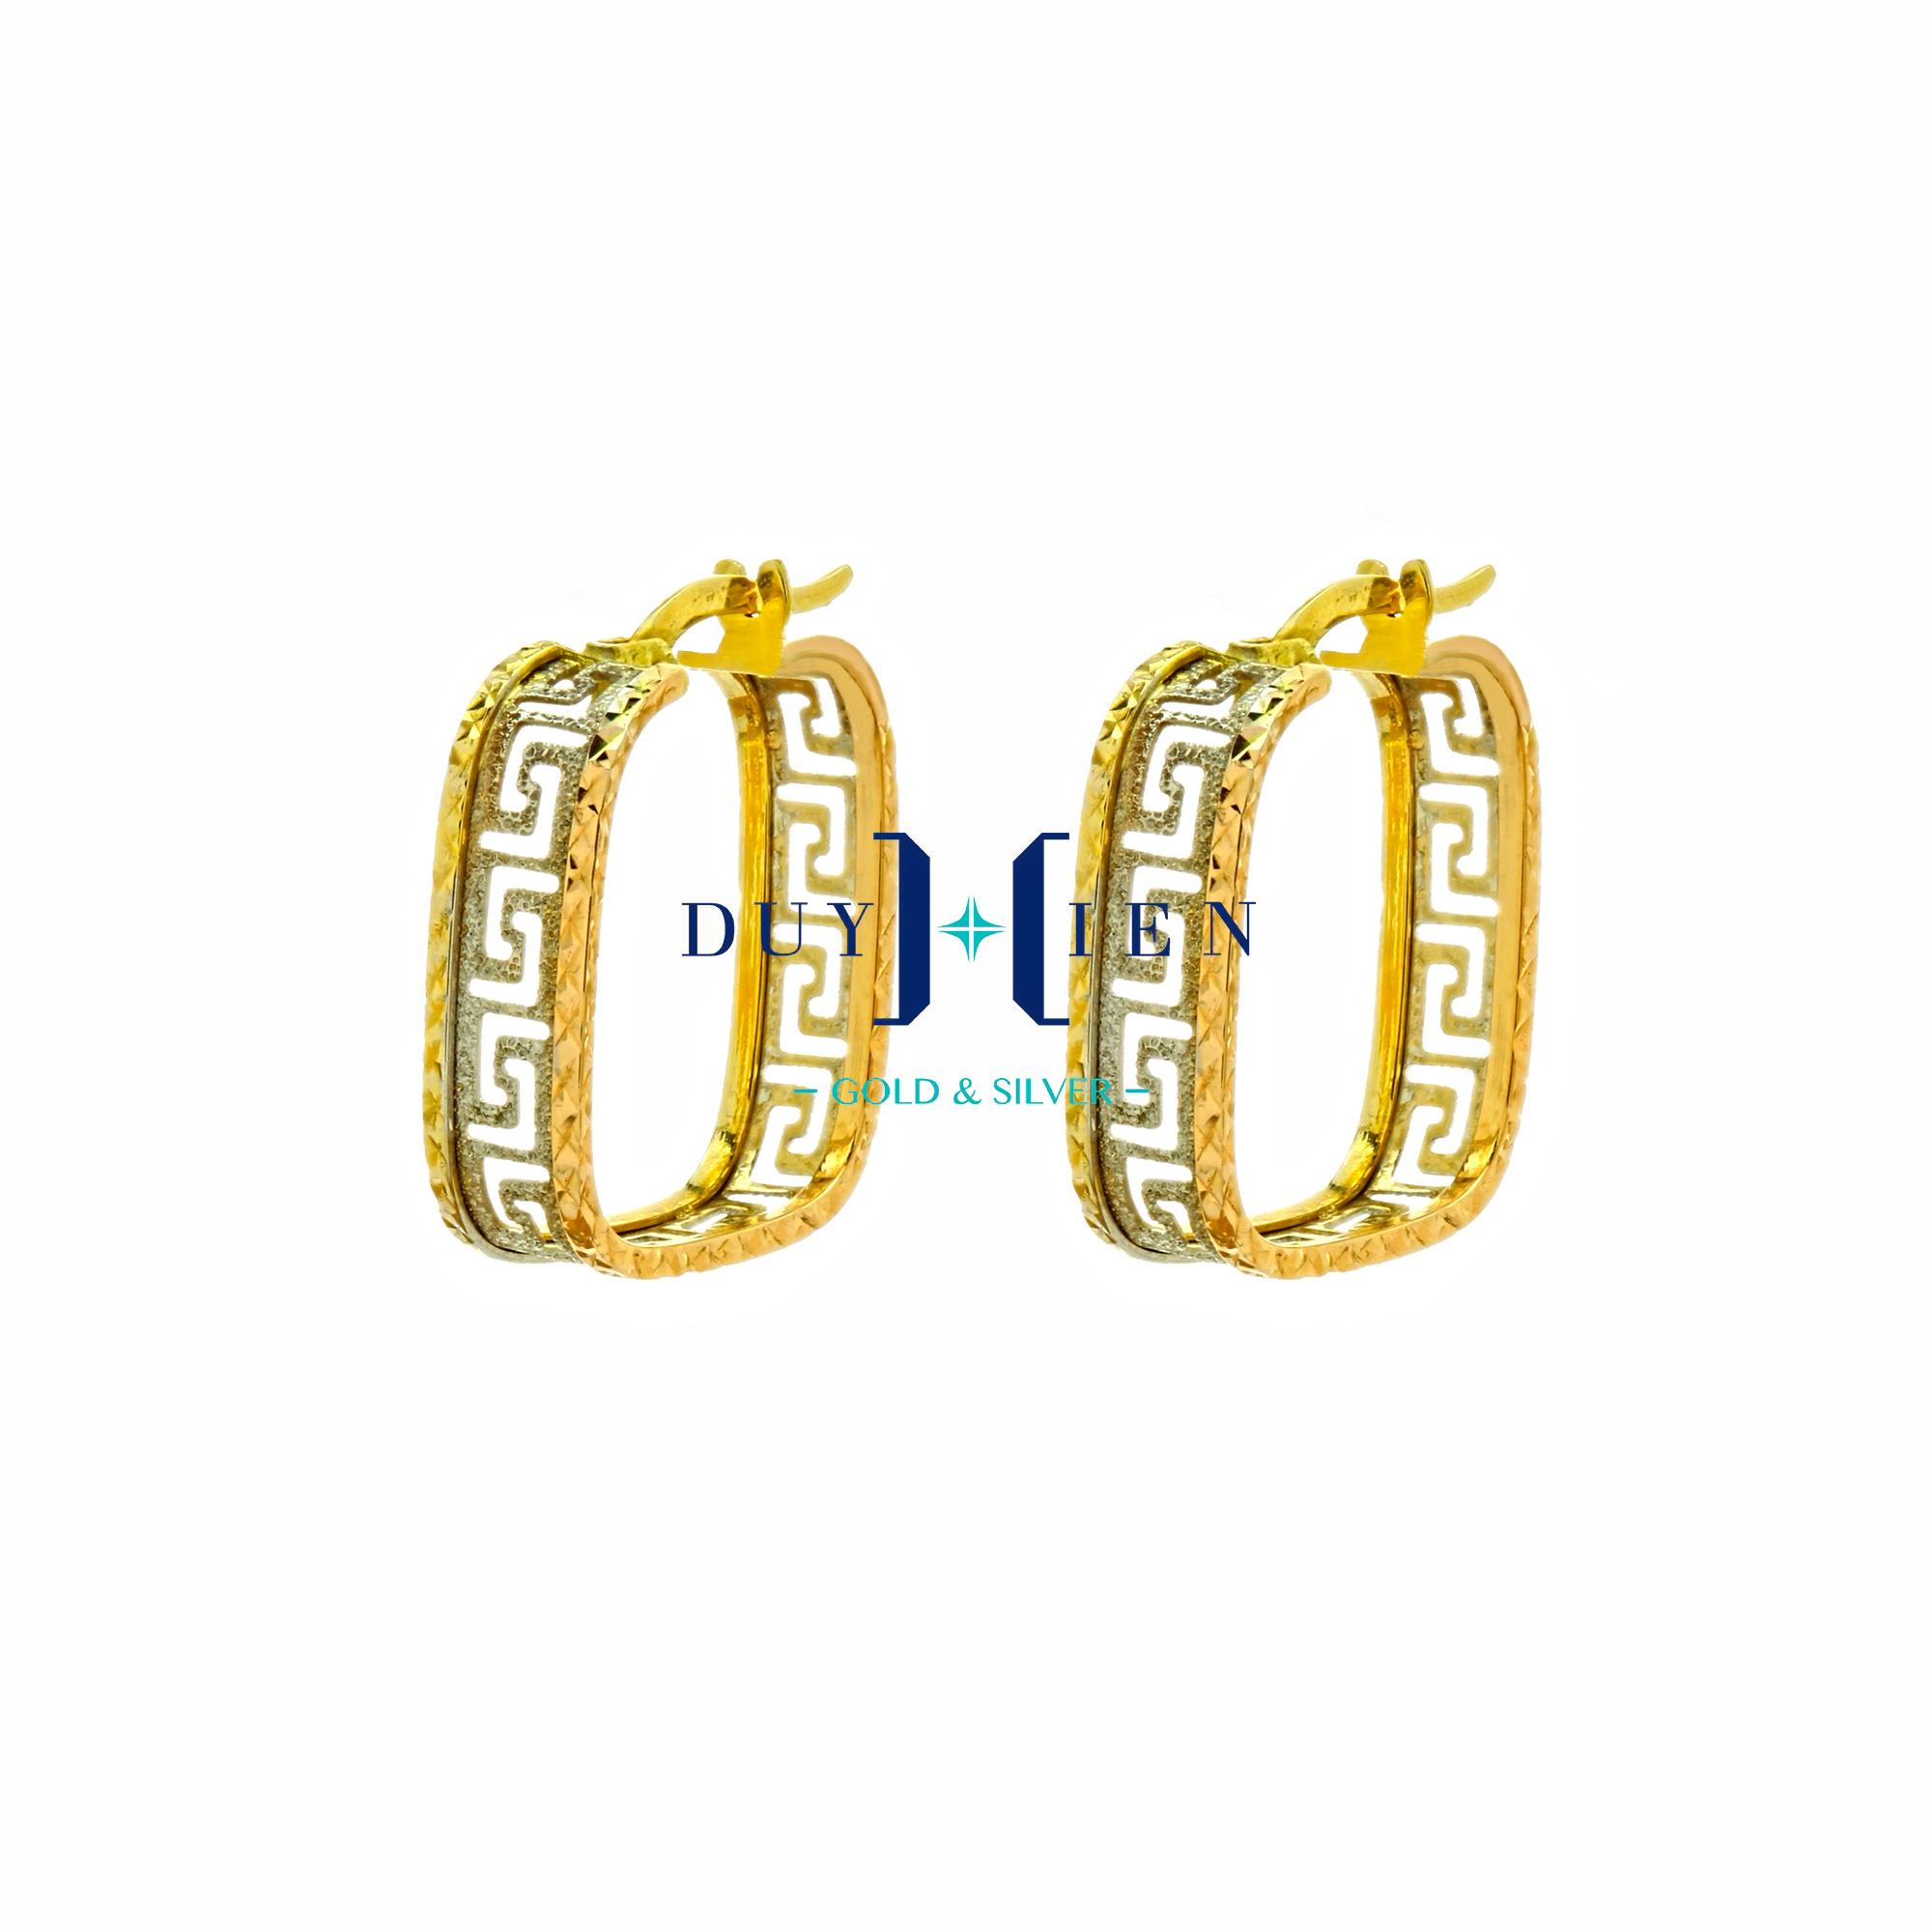 bông tai nữ vàng 18k hình viền vuông trơn ở giữa là các chữ L xếp đôi ngược nhau tạo kiểu đẹp